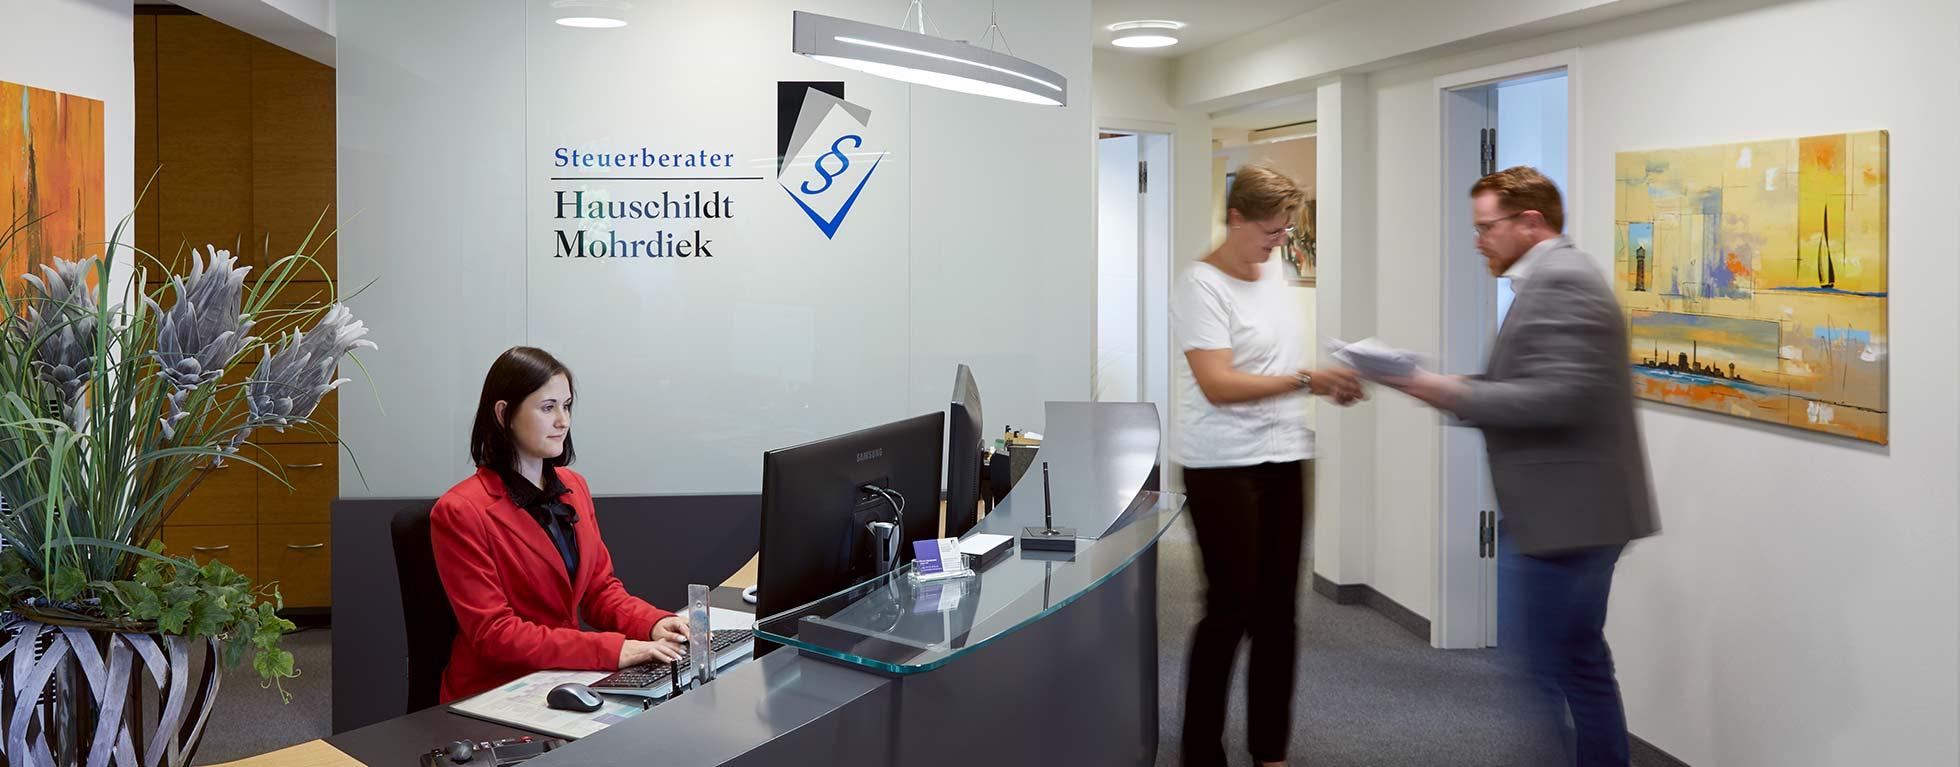 Mohrdiek Steuerberater Elmshorn Steuerberatung